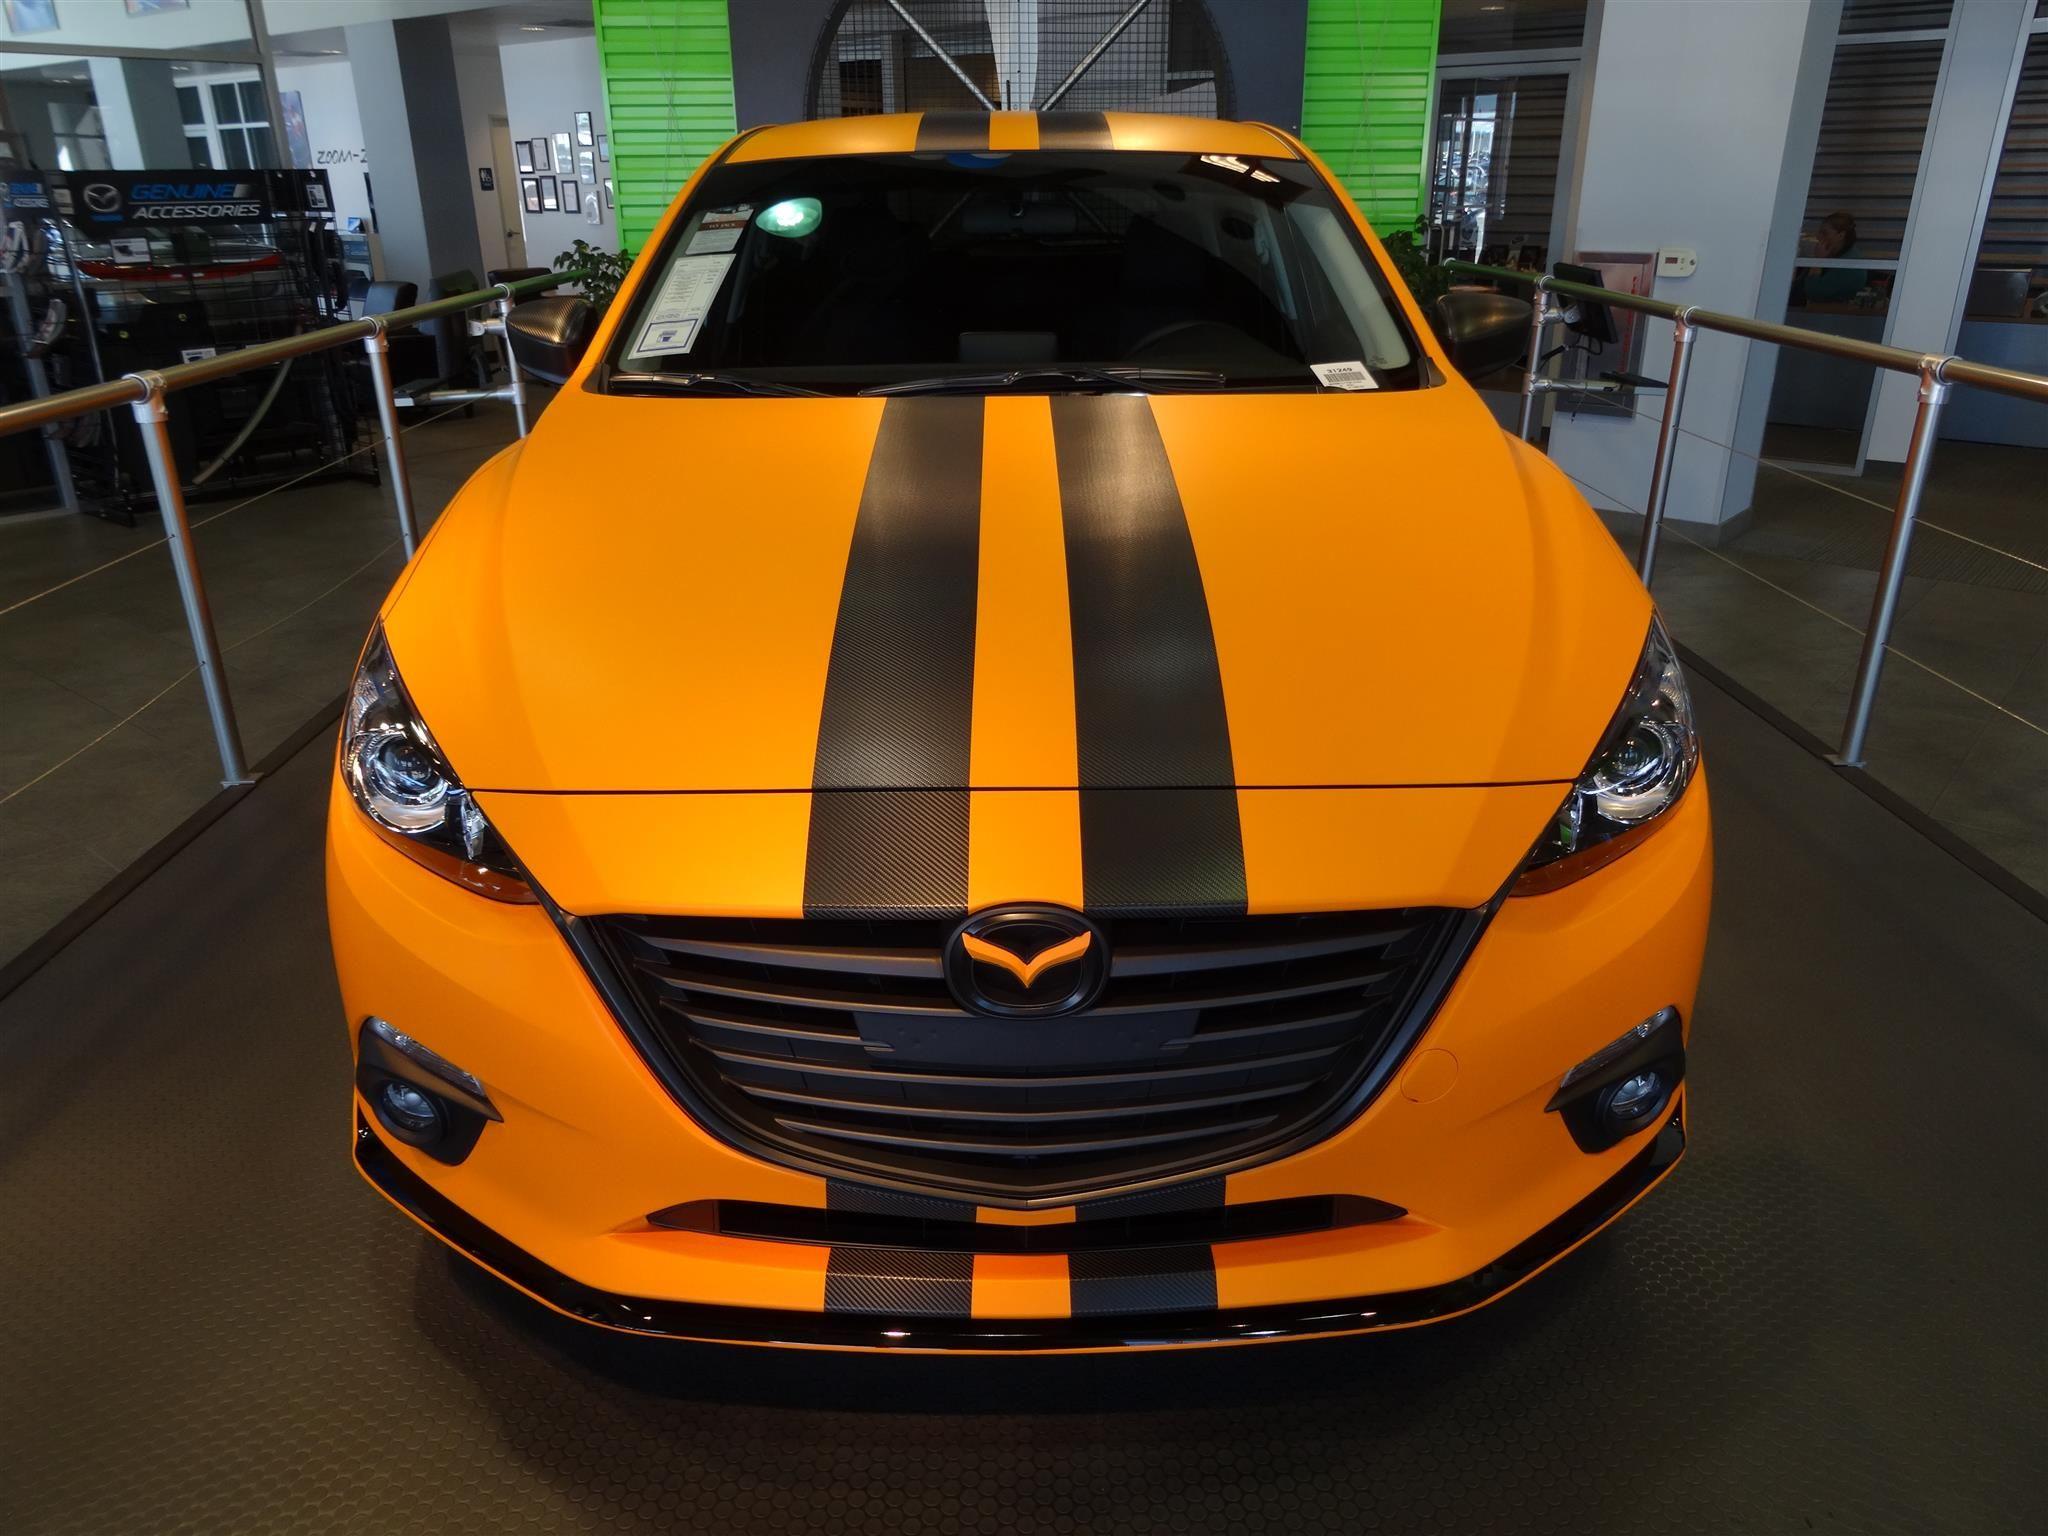 2015 Mazda 3 Touring For Sale In Riverside Ca Mazda Riversidemazda Mazda3 Orange Bodywrap Carbonfiber Cu Mazda 3 Touring Mazda 3 Hatchback Mazda 3